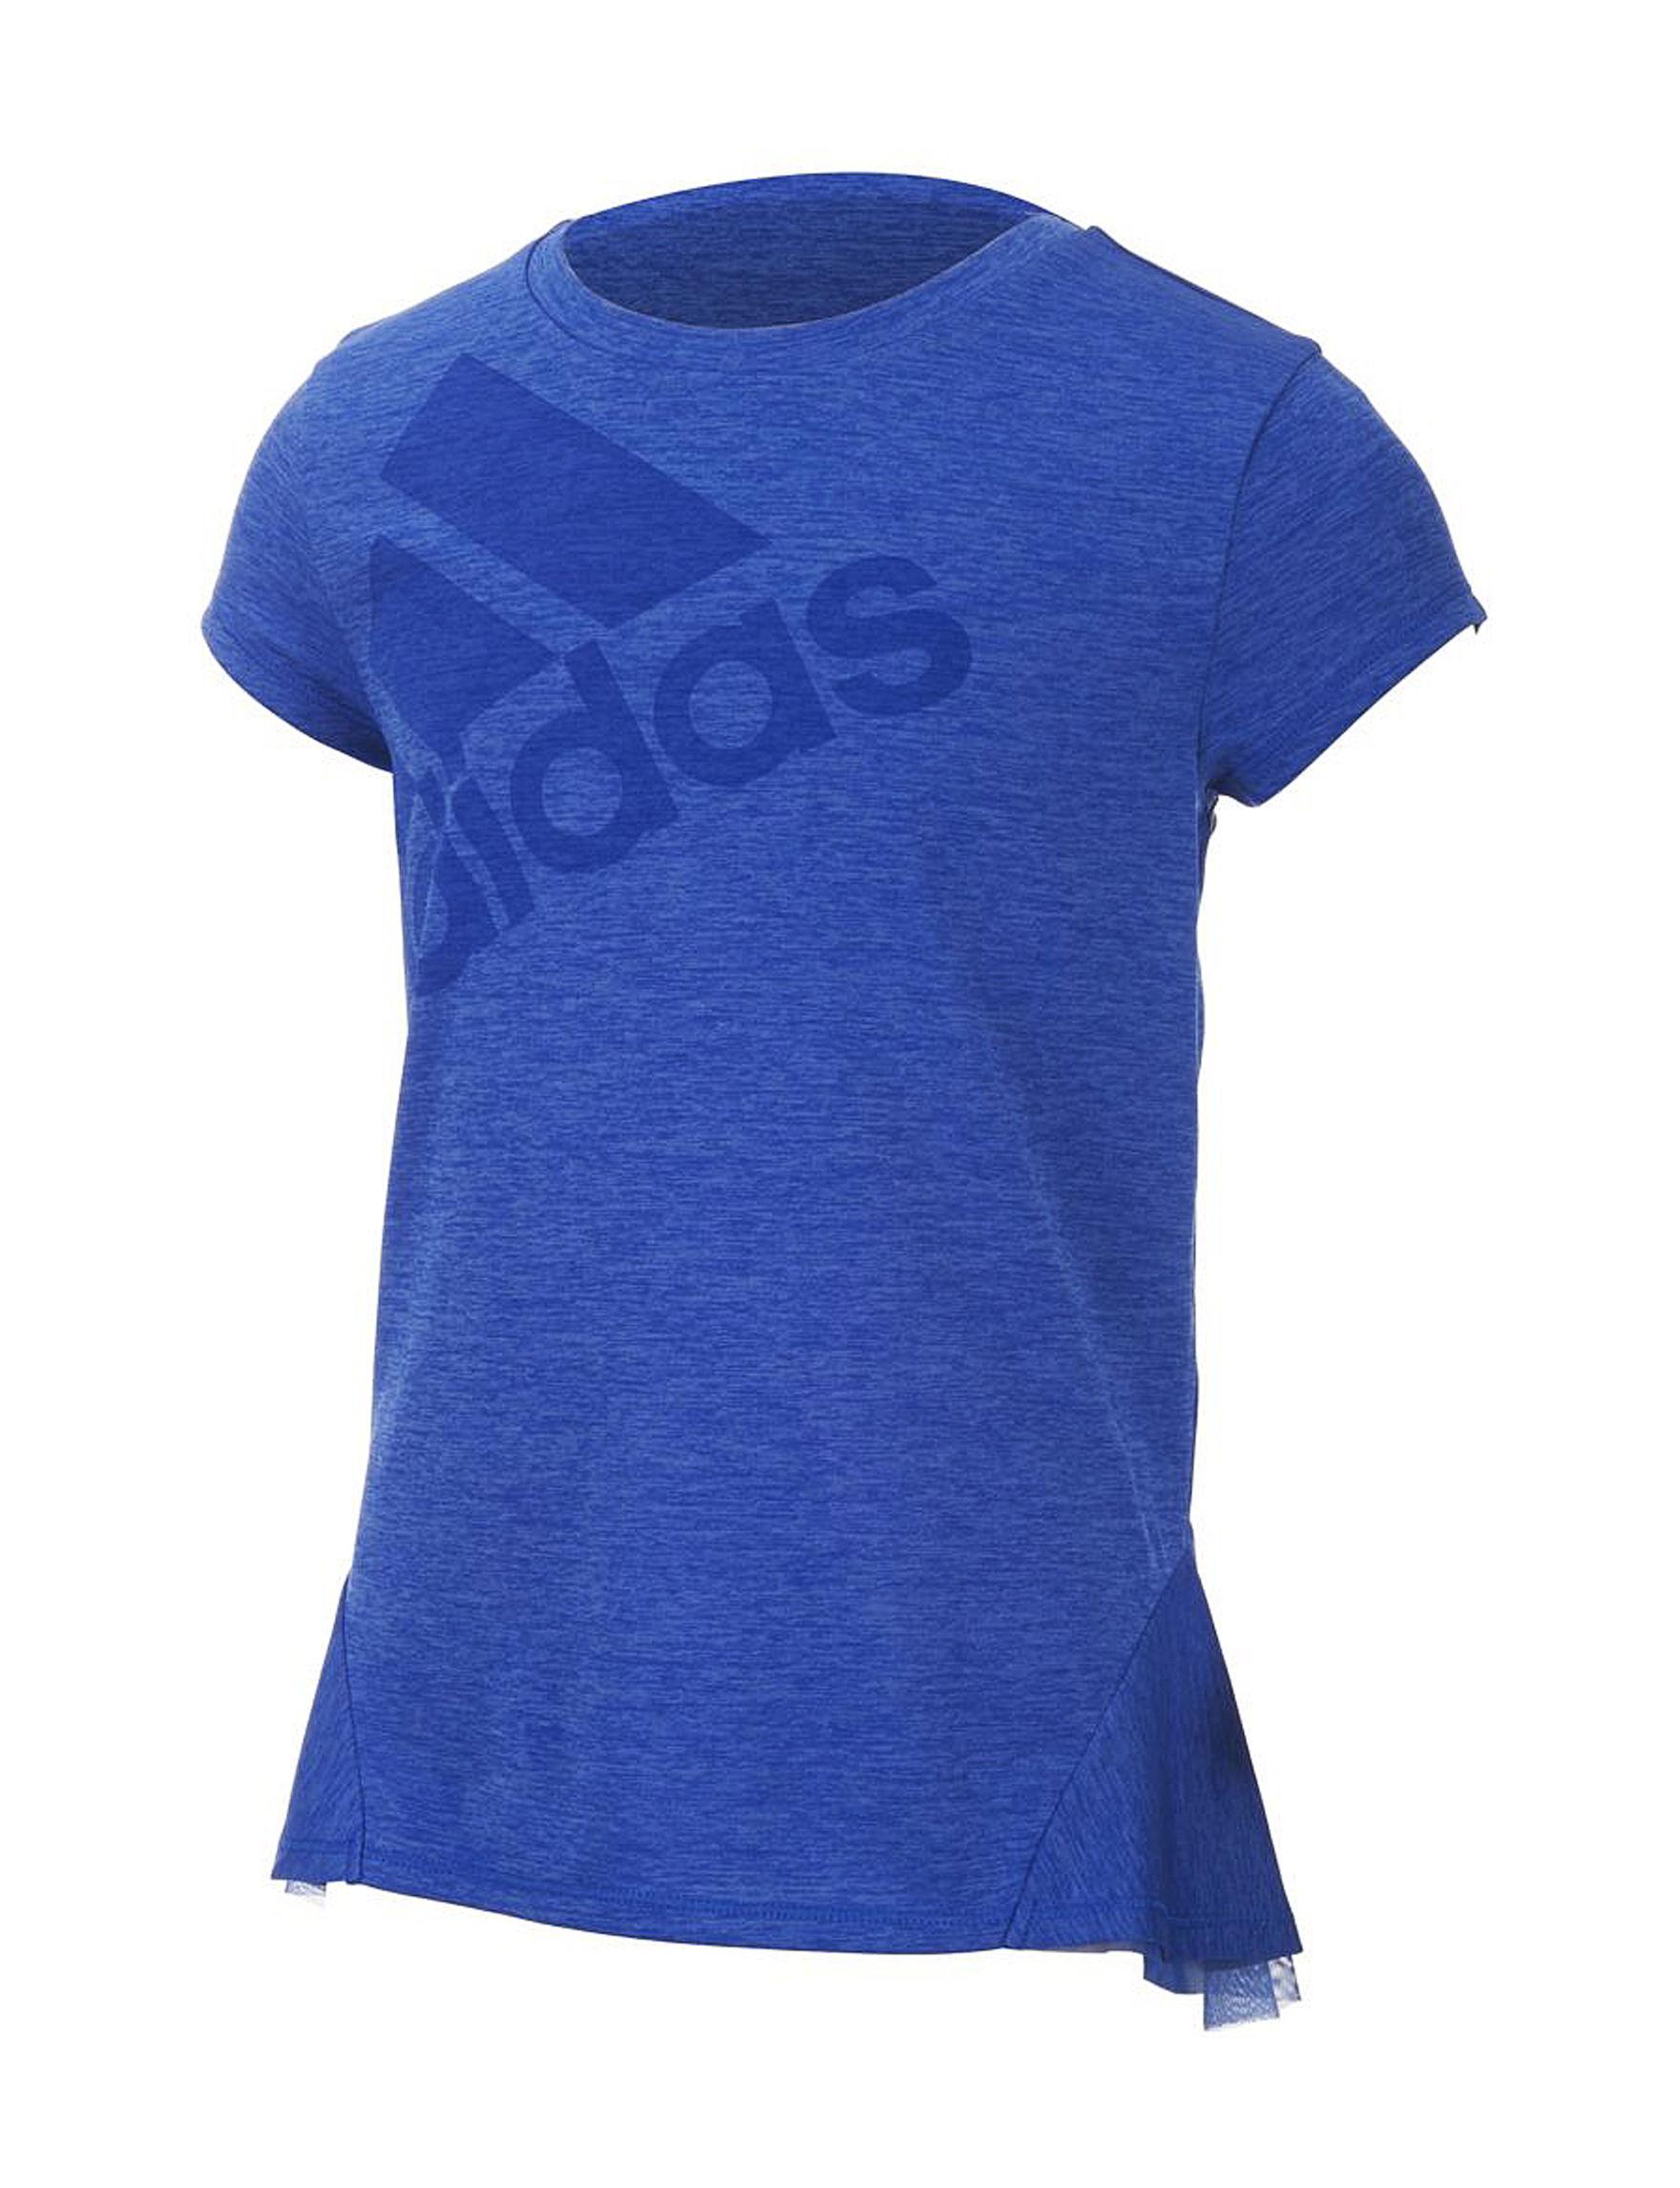 Adidas Blue Tees & Tanks